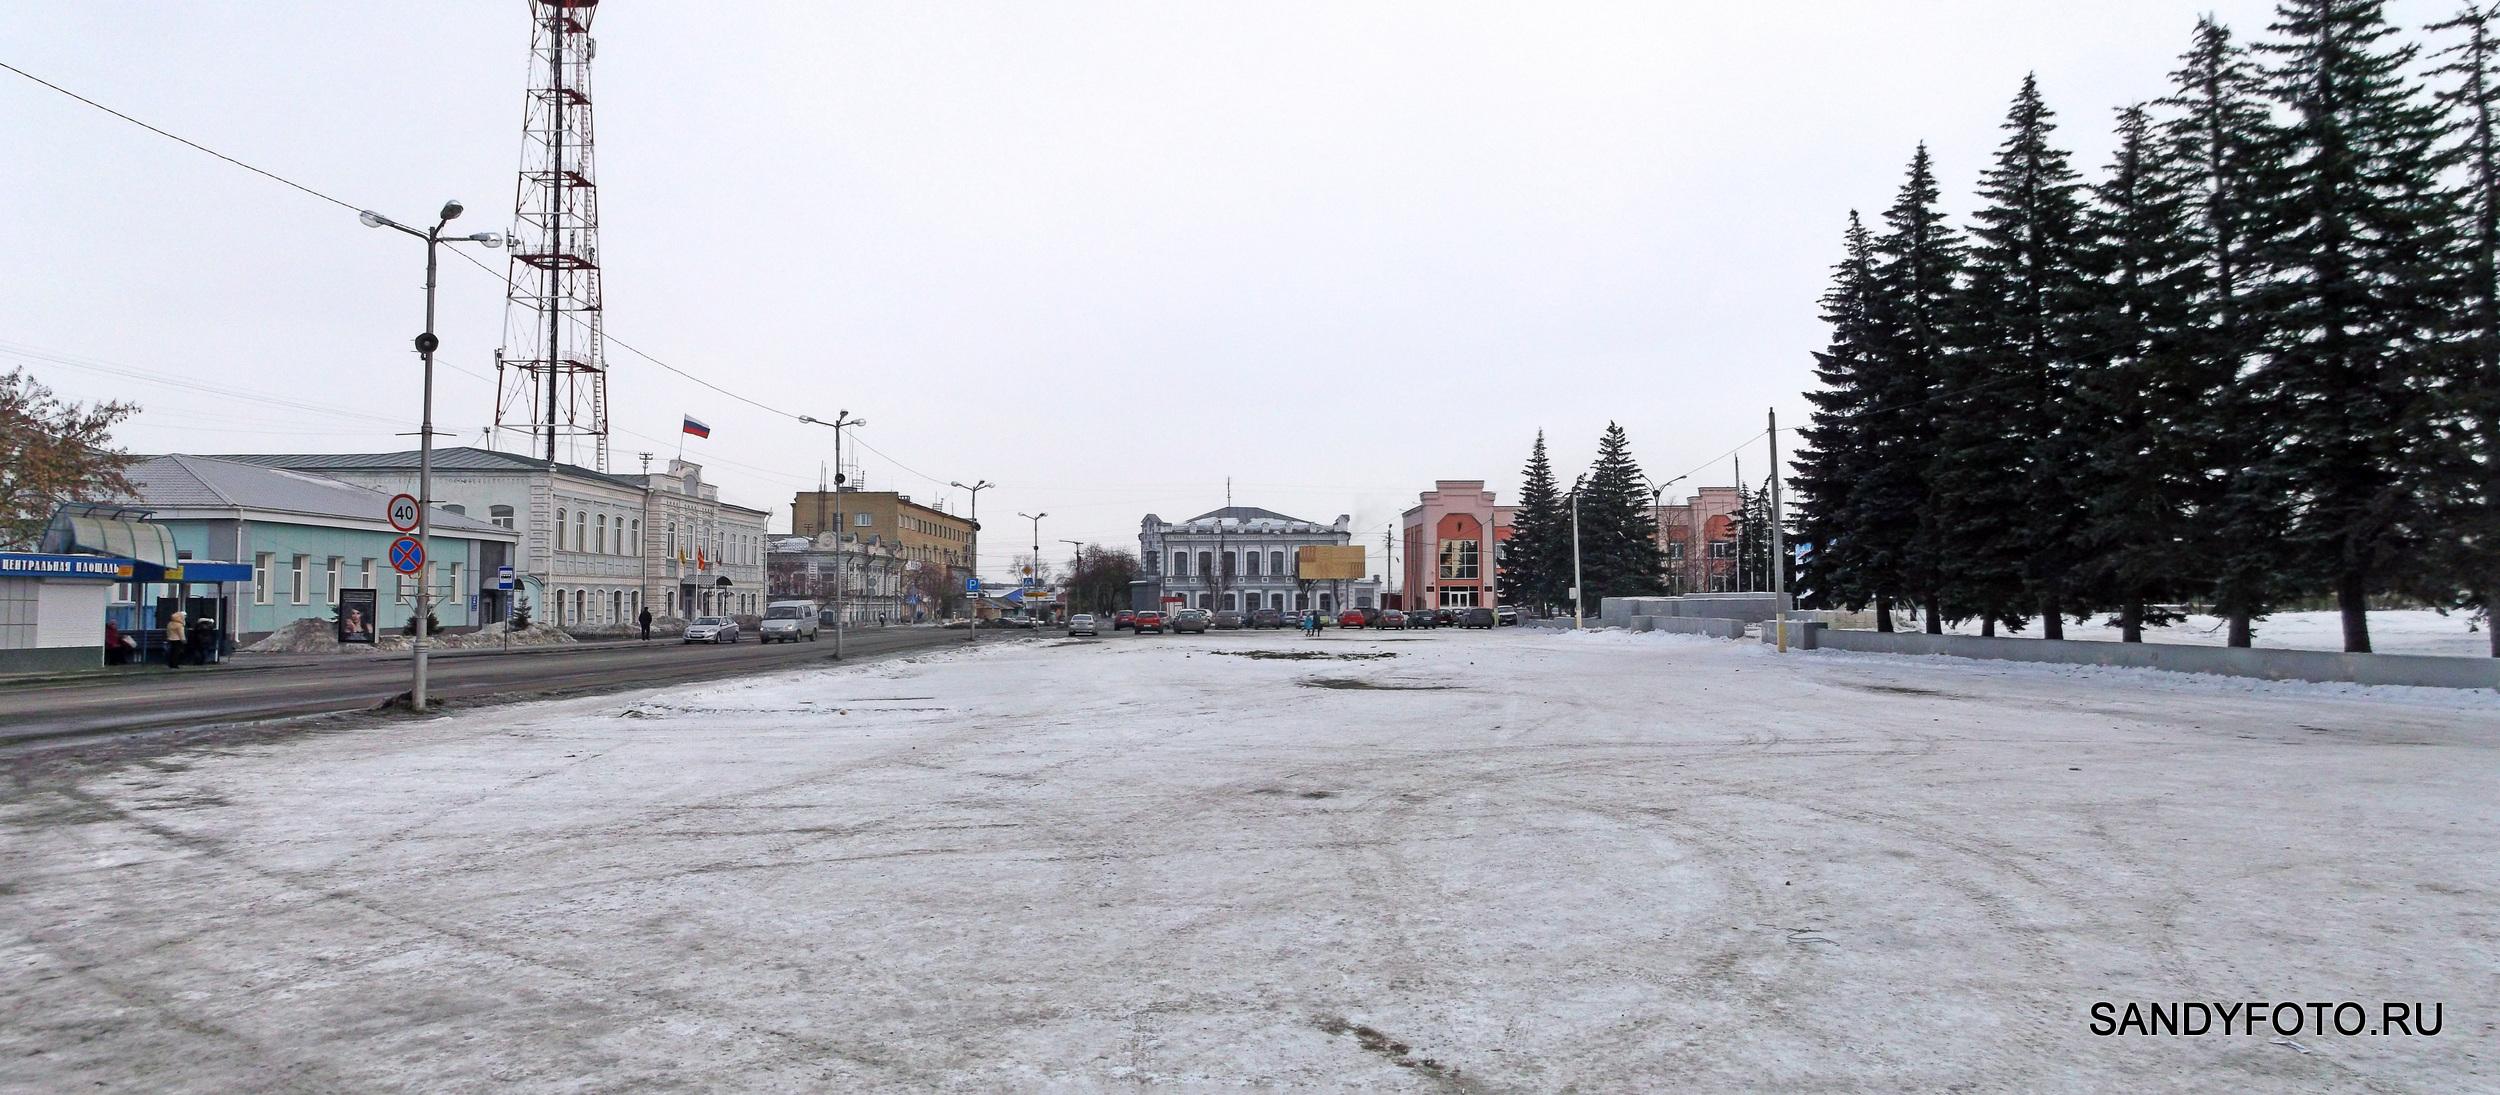 Ледяной городок убран, площадь зачищена